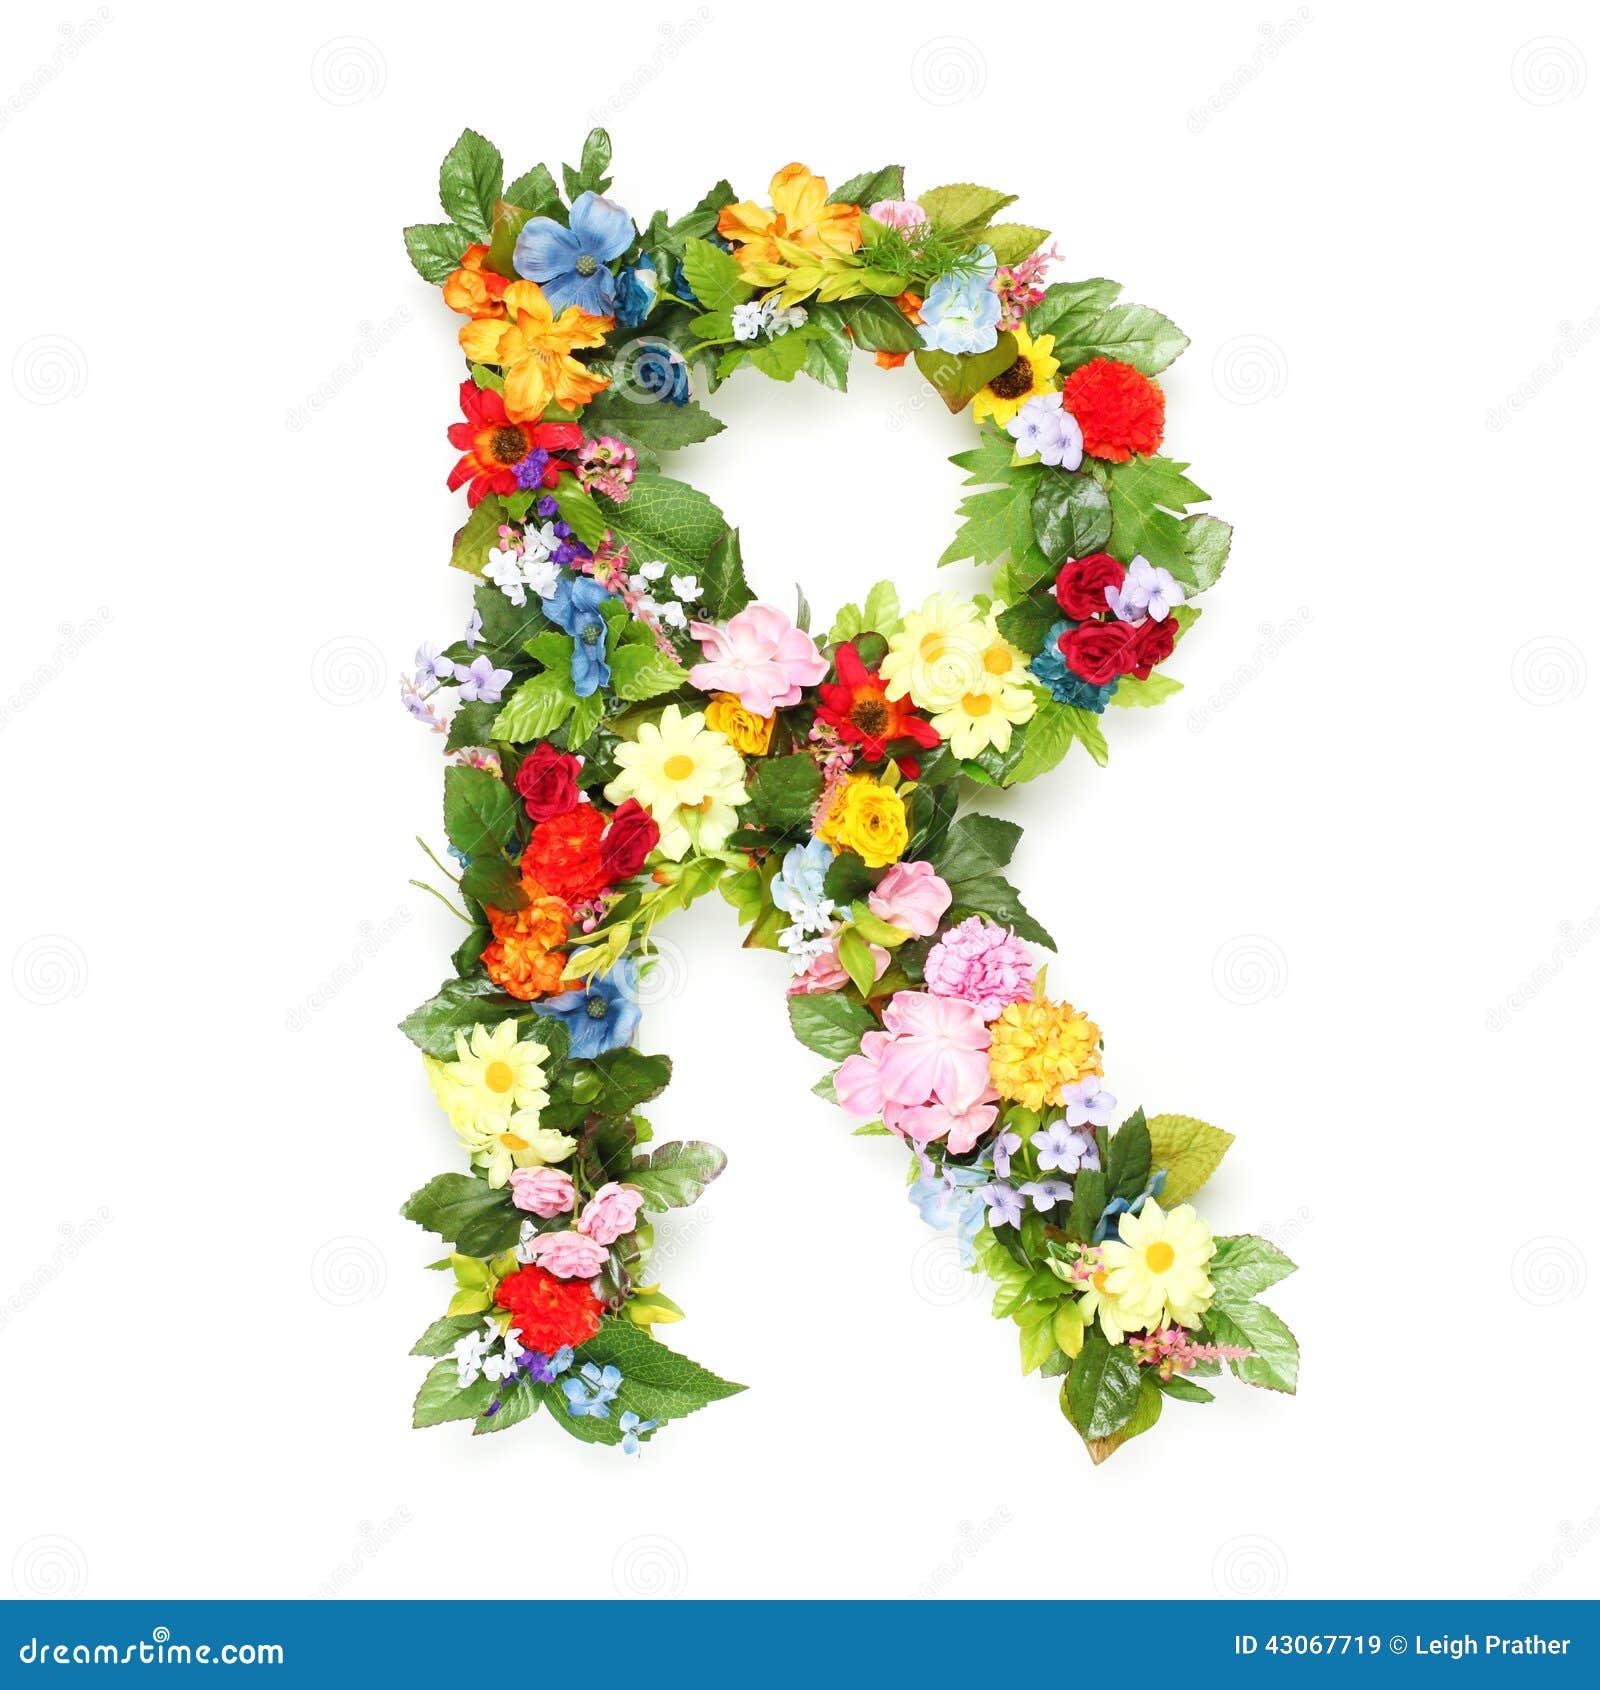 letras de hojas y de flores imagen de archivo imagen de belleza ambiente 43067719. Black Bedroom Furniture Sets. Home Design Ideas